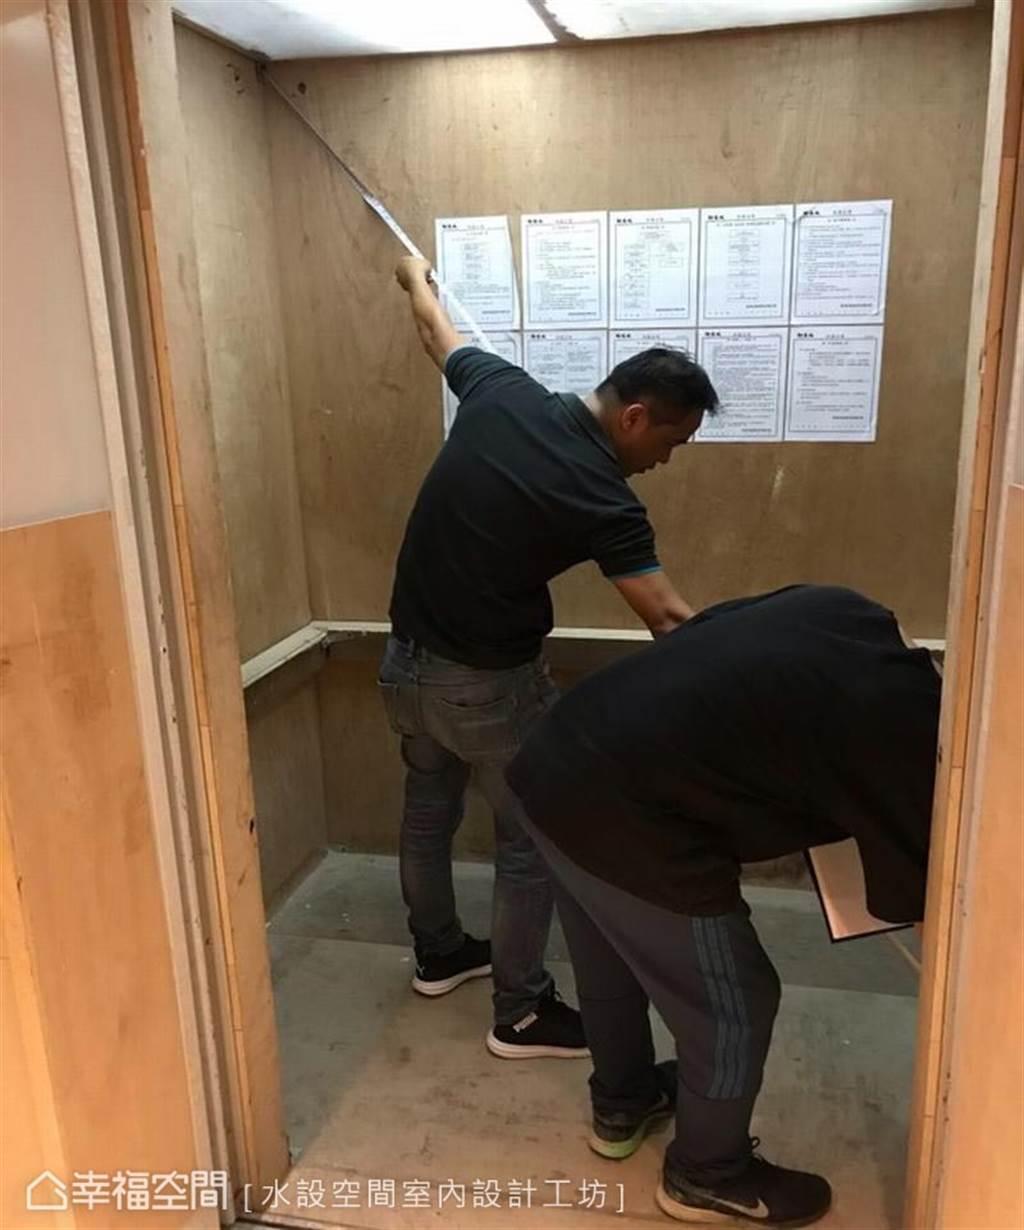 透過捲尺,測量電梯的斜角長度(圖片提供/水設空間室內設計工坊)